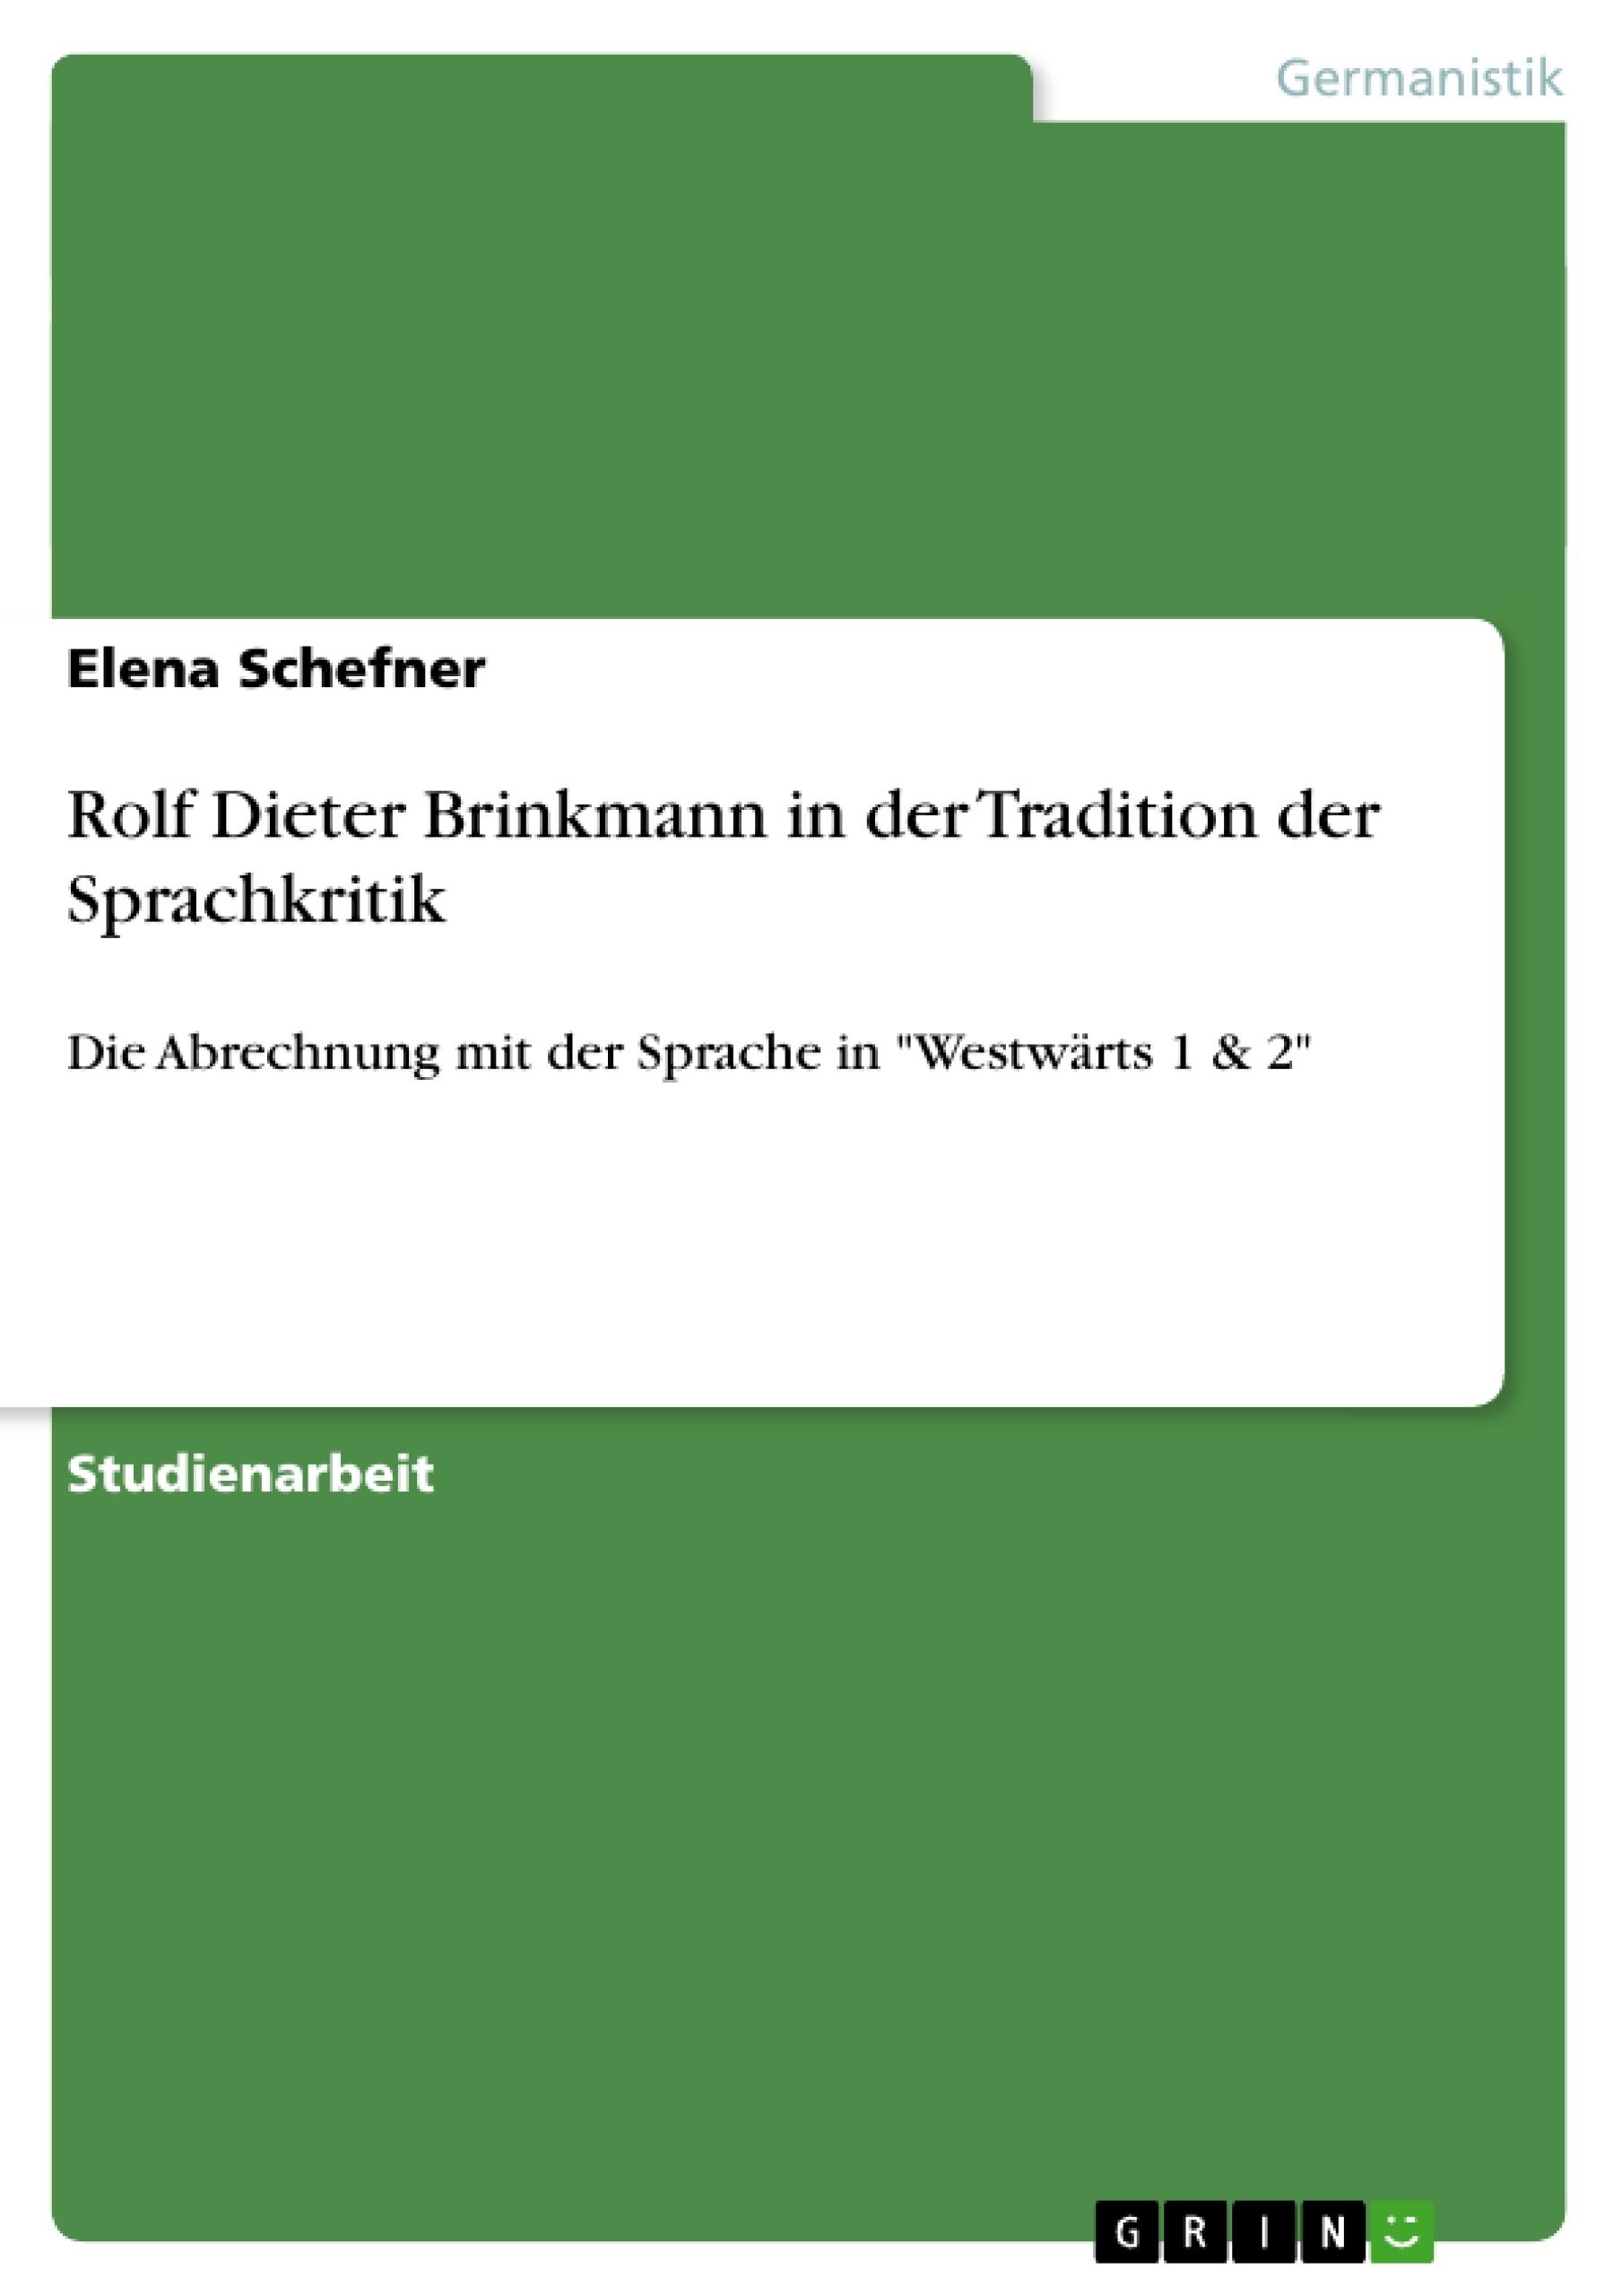 Titel: Rolf Dieter Brinkmann in der Tradition der Sprachkritik